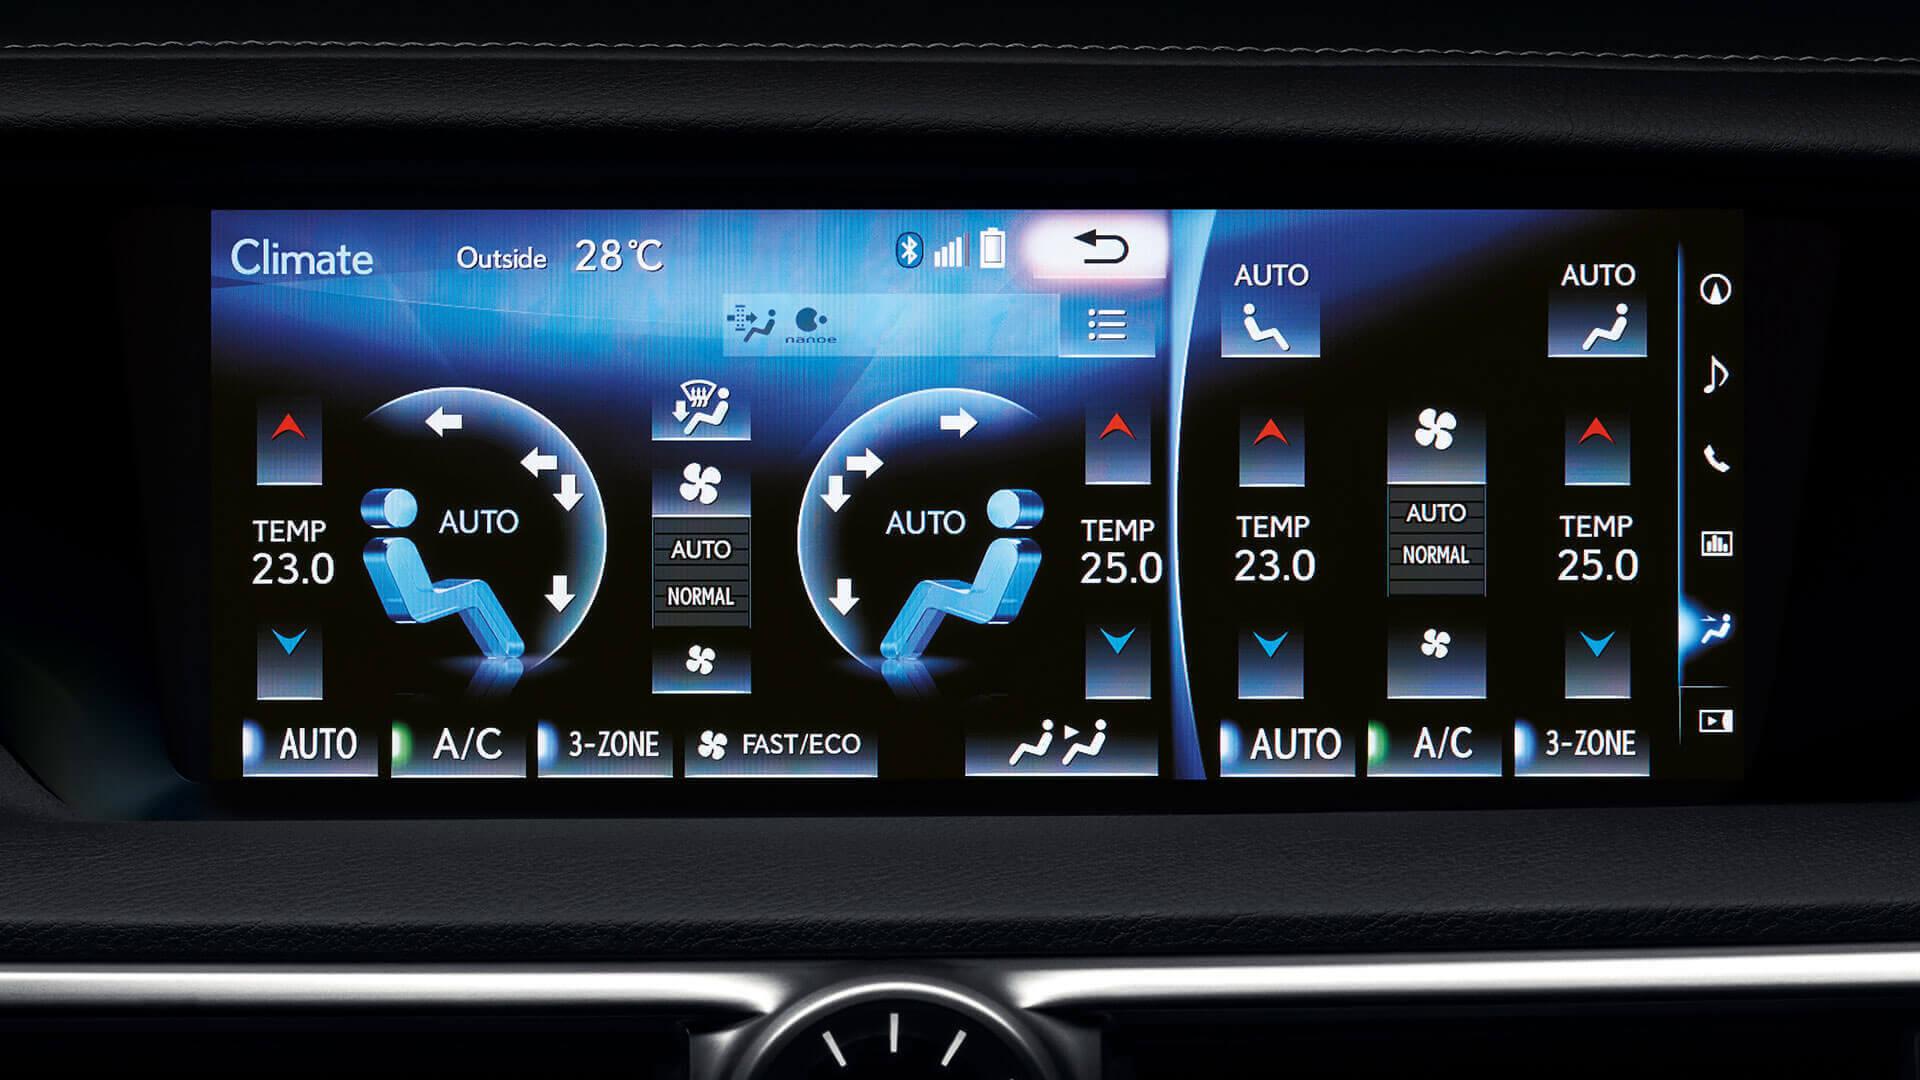 2016 lexus gs 450h features 3 zone climate